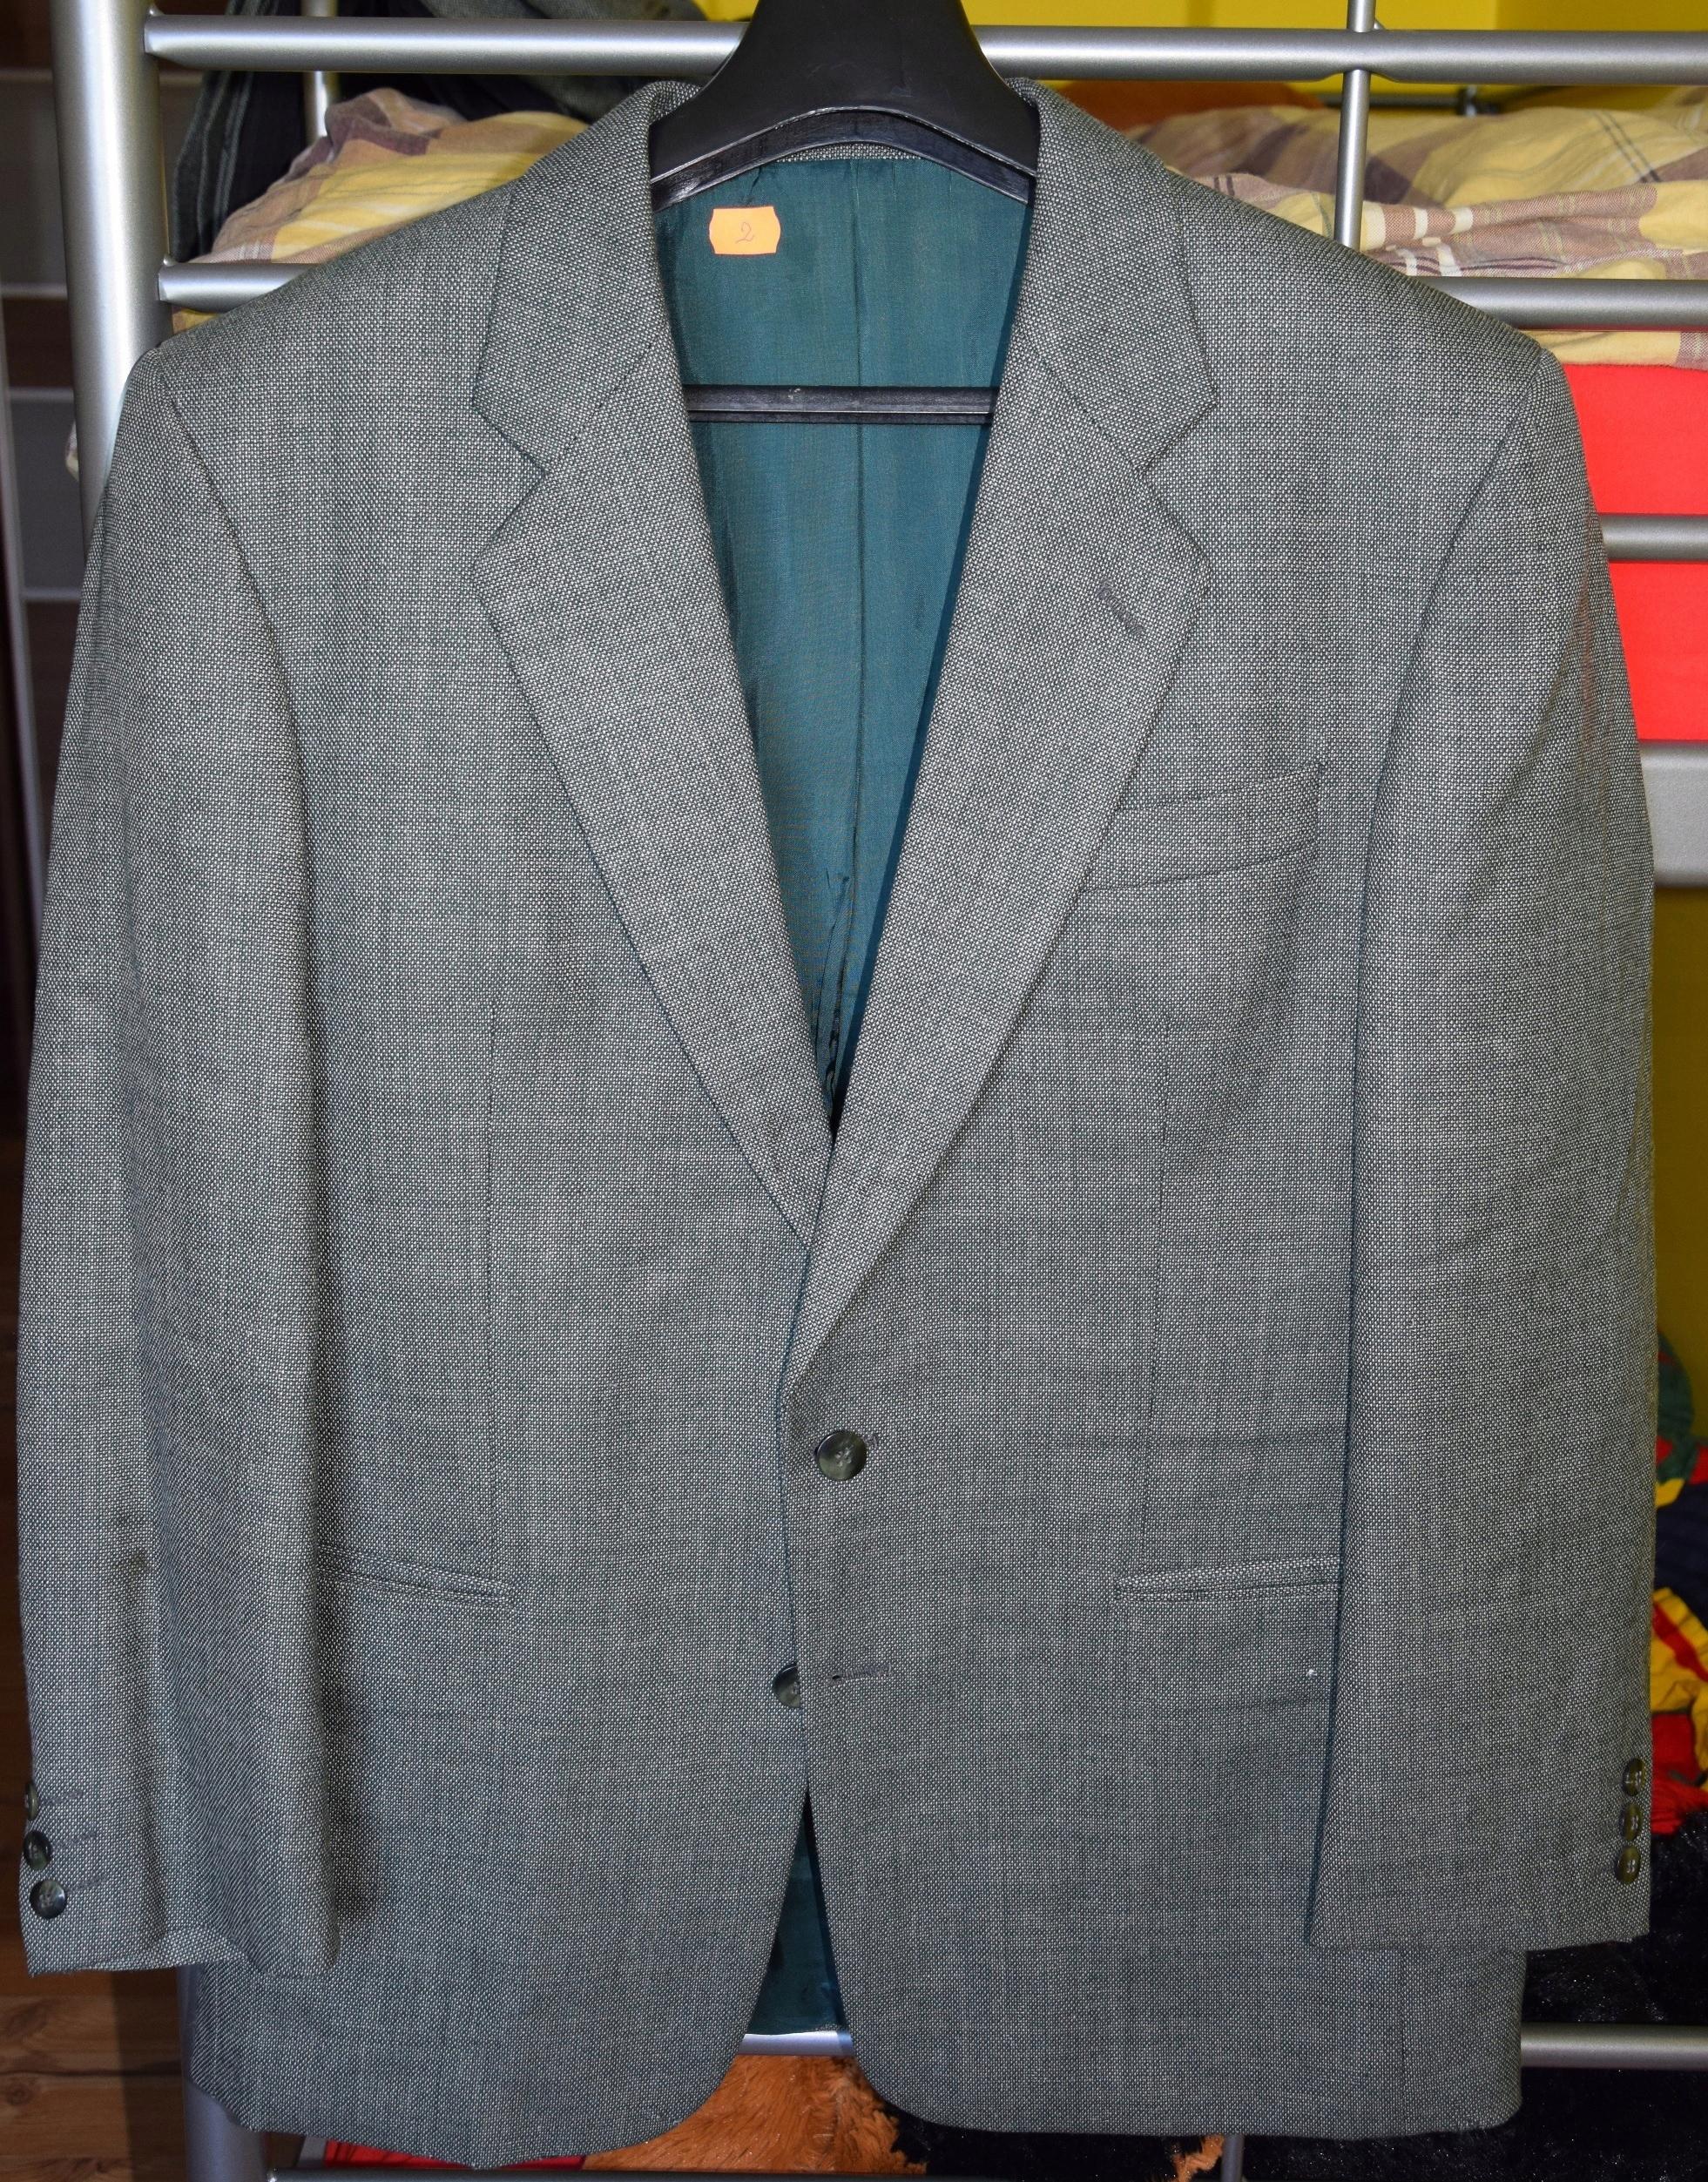 0a71ee3f746dd Szary garnitur firmy Bytom, L, ok. 170-176 cm - 7523688819 ...